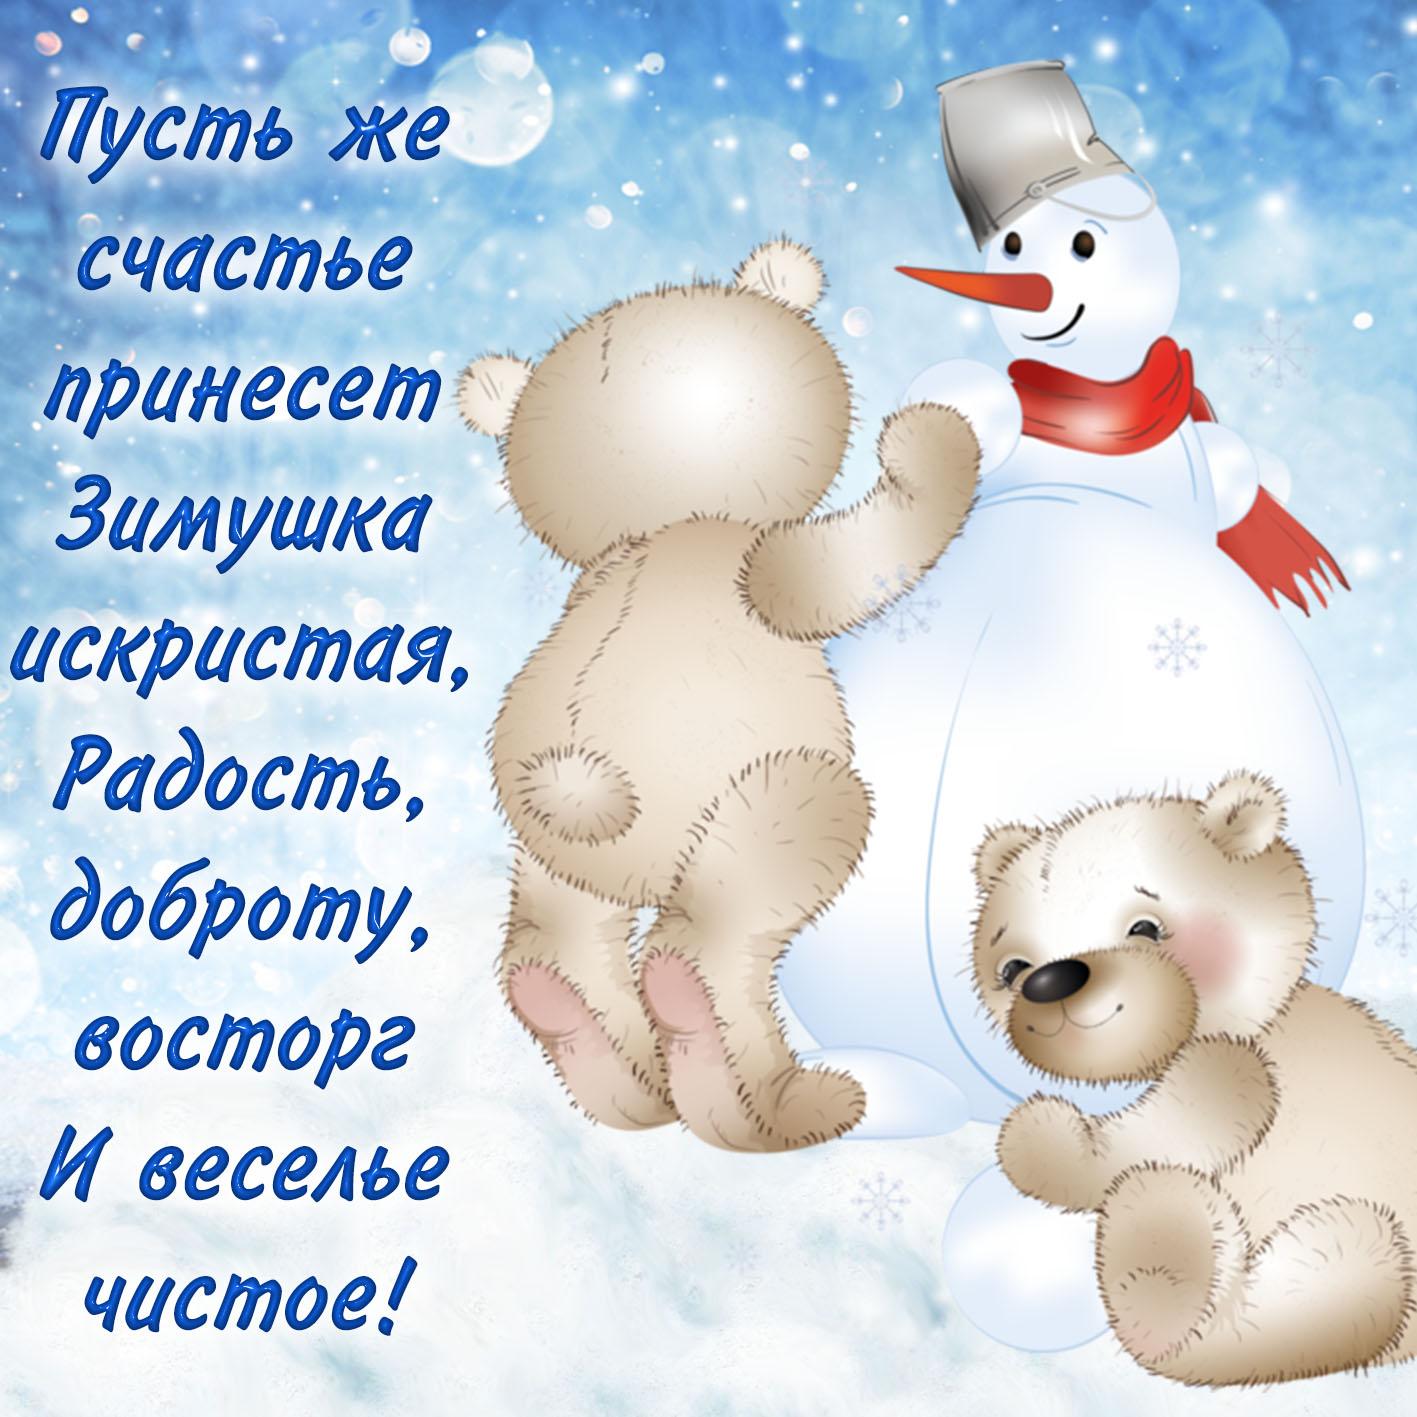 Открытка - два медвежонка лепят забавного снеговика